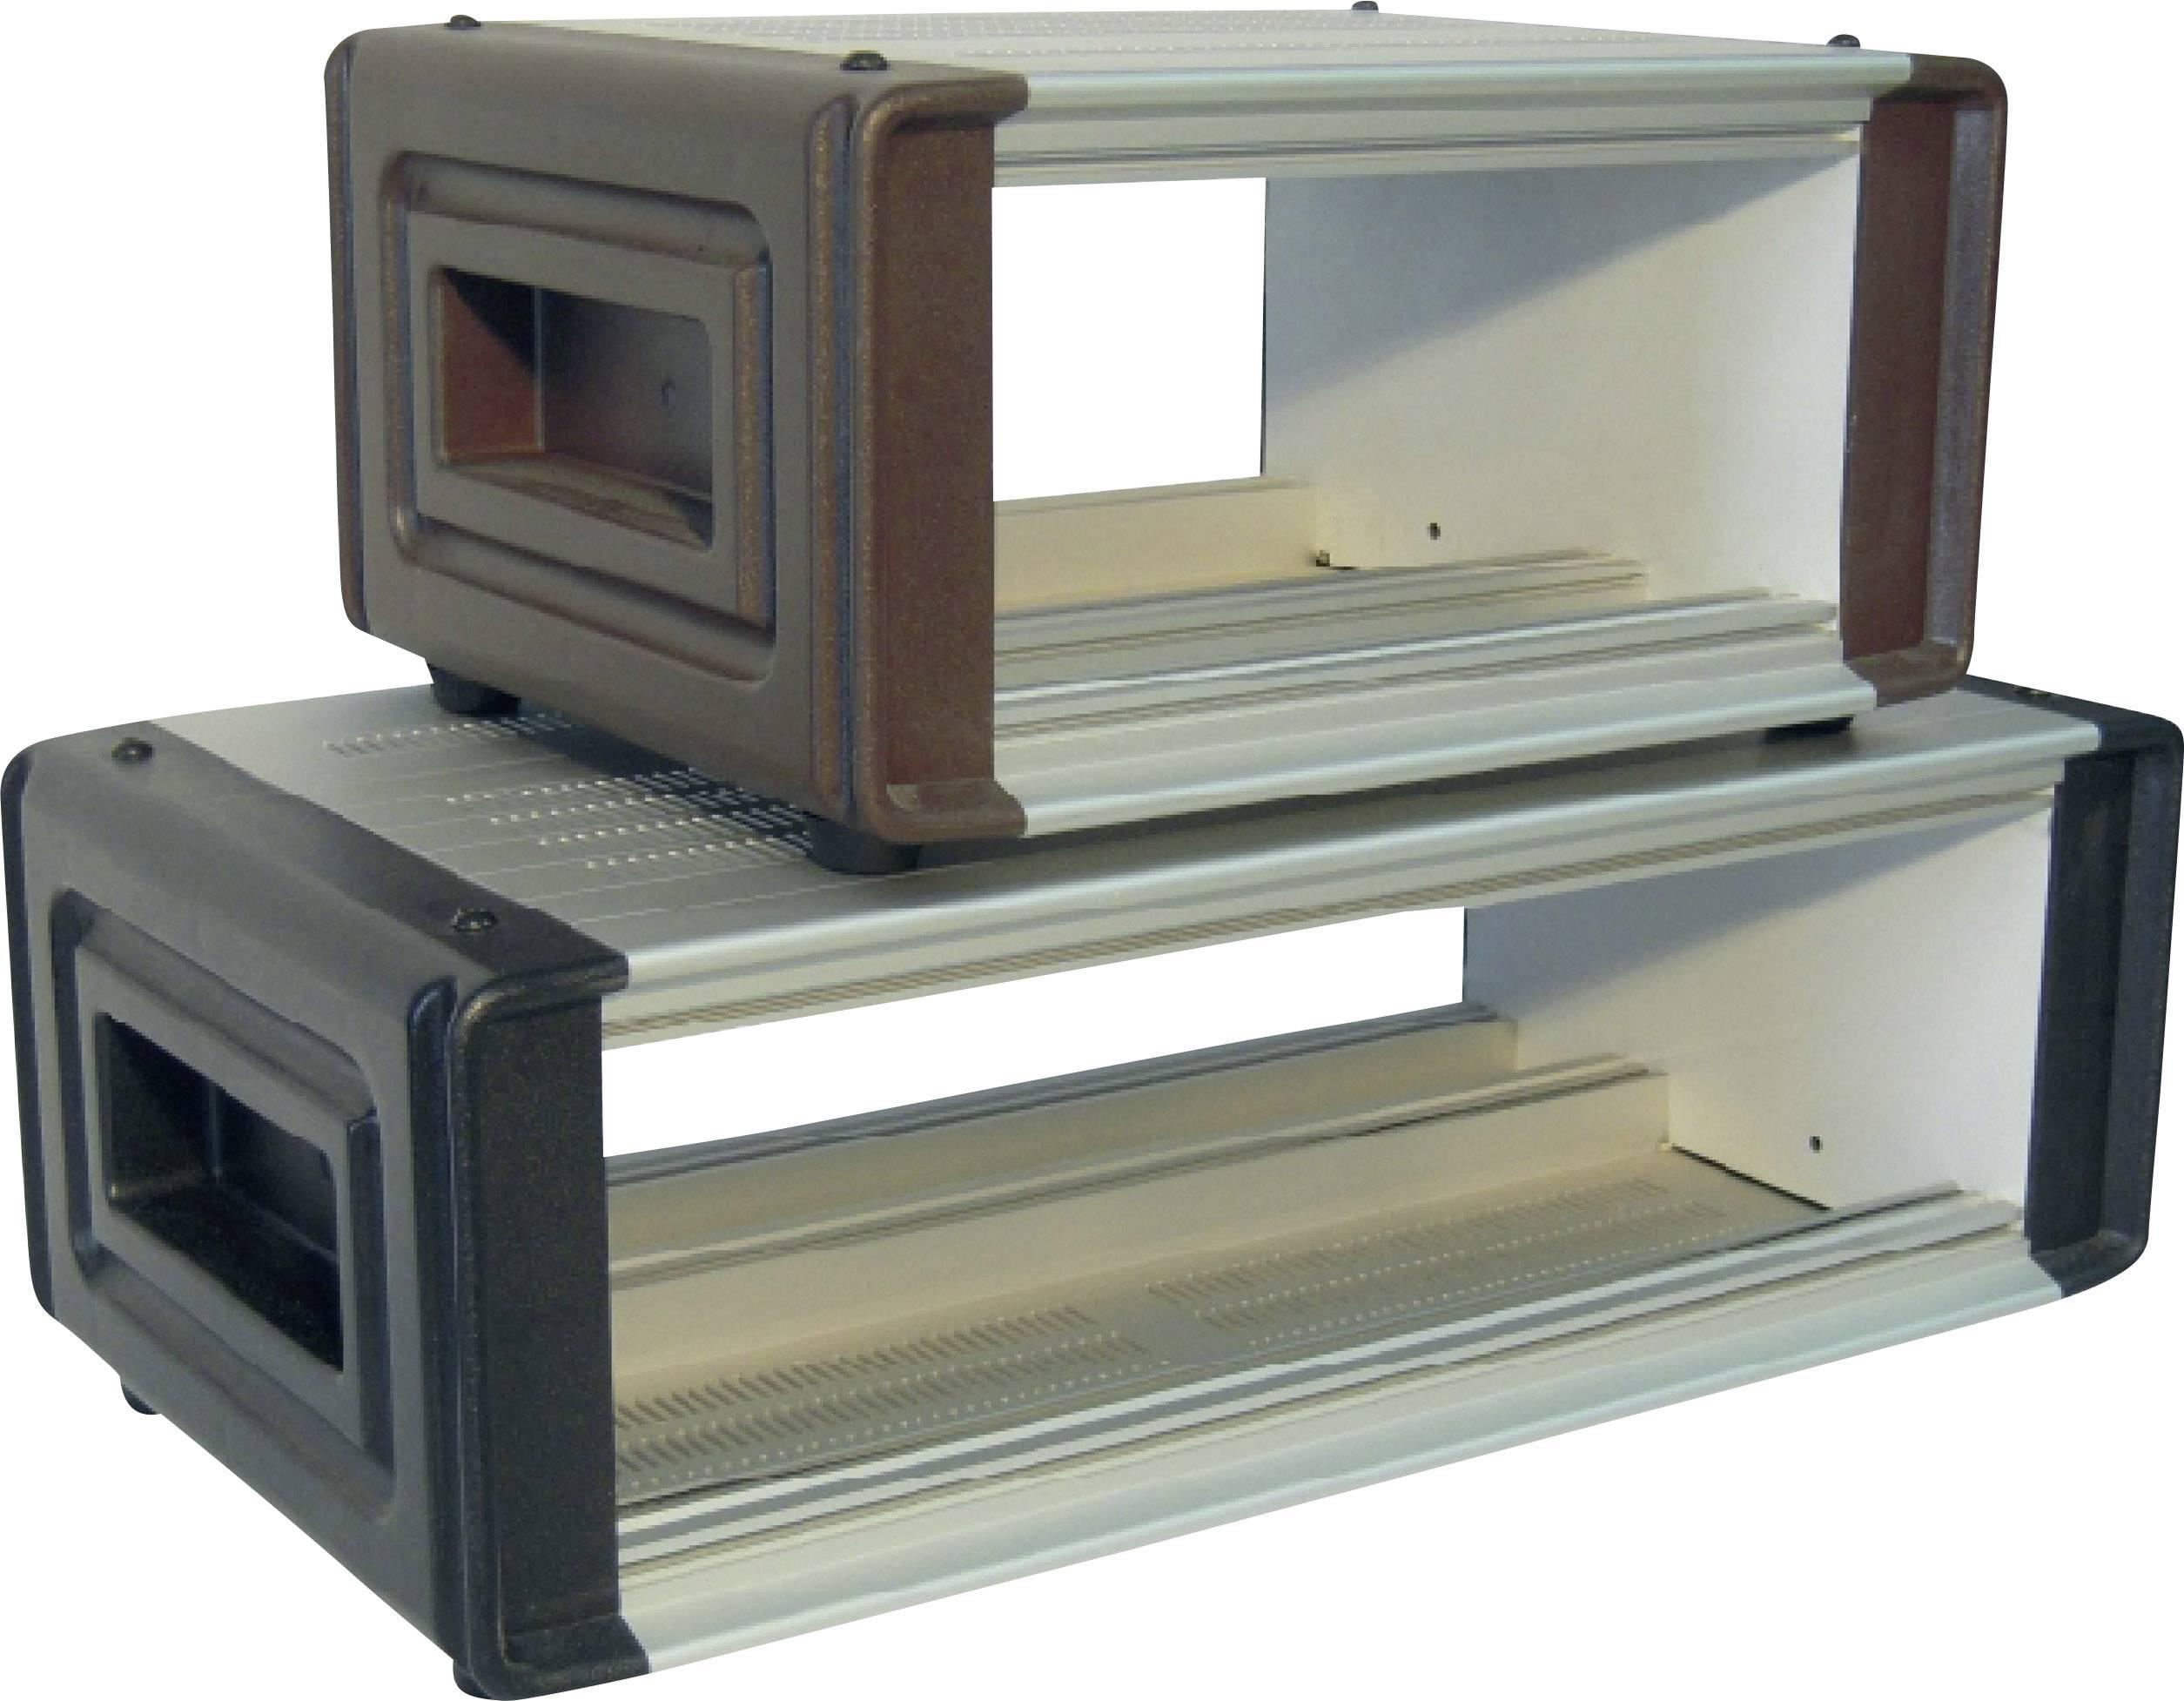 Puzdro konektora Proma 133040, 332 x 175 x 280 mm, hliník, hliník (eloxovaný), hnedá, 1 ks